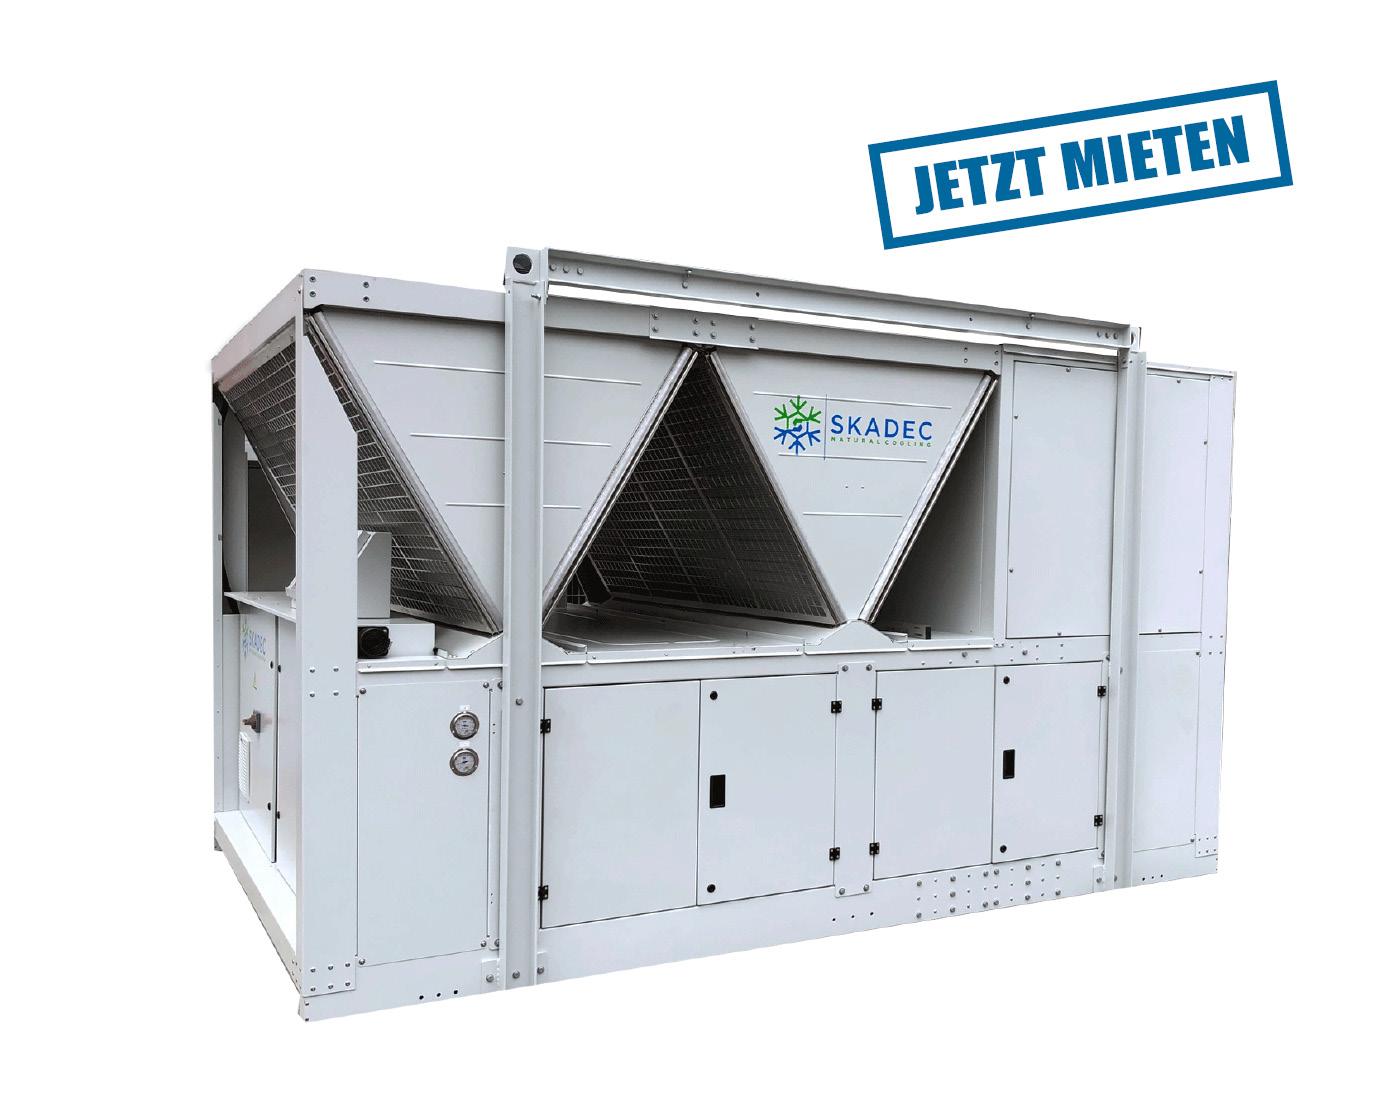 220 kW Kaltwassersatz jetzt mieten